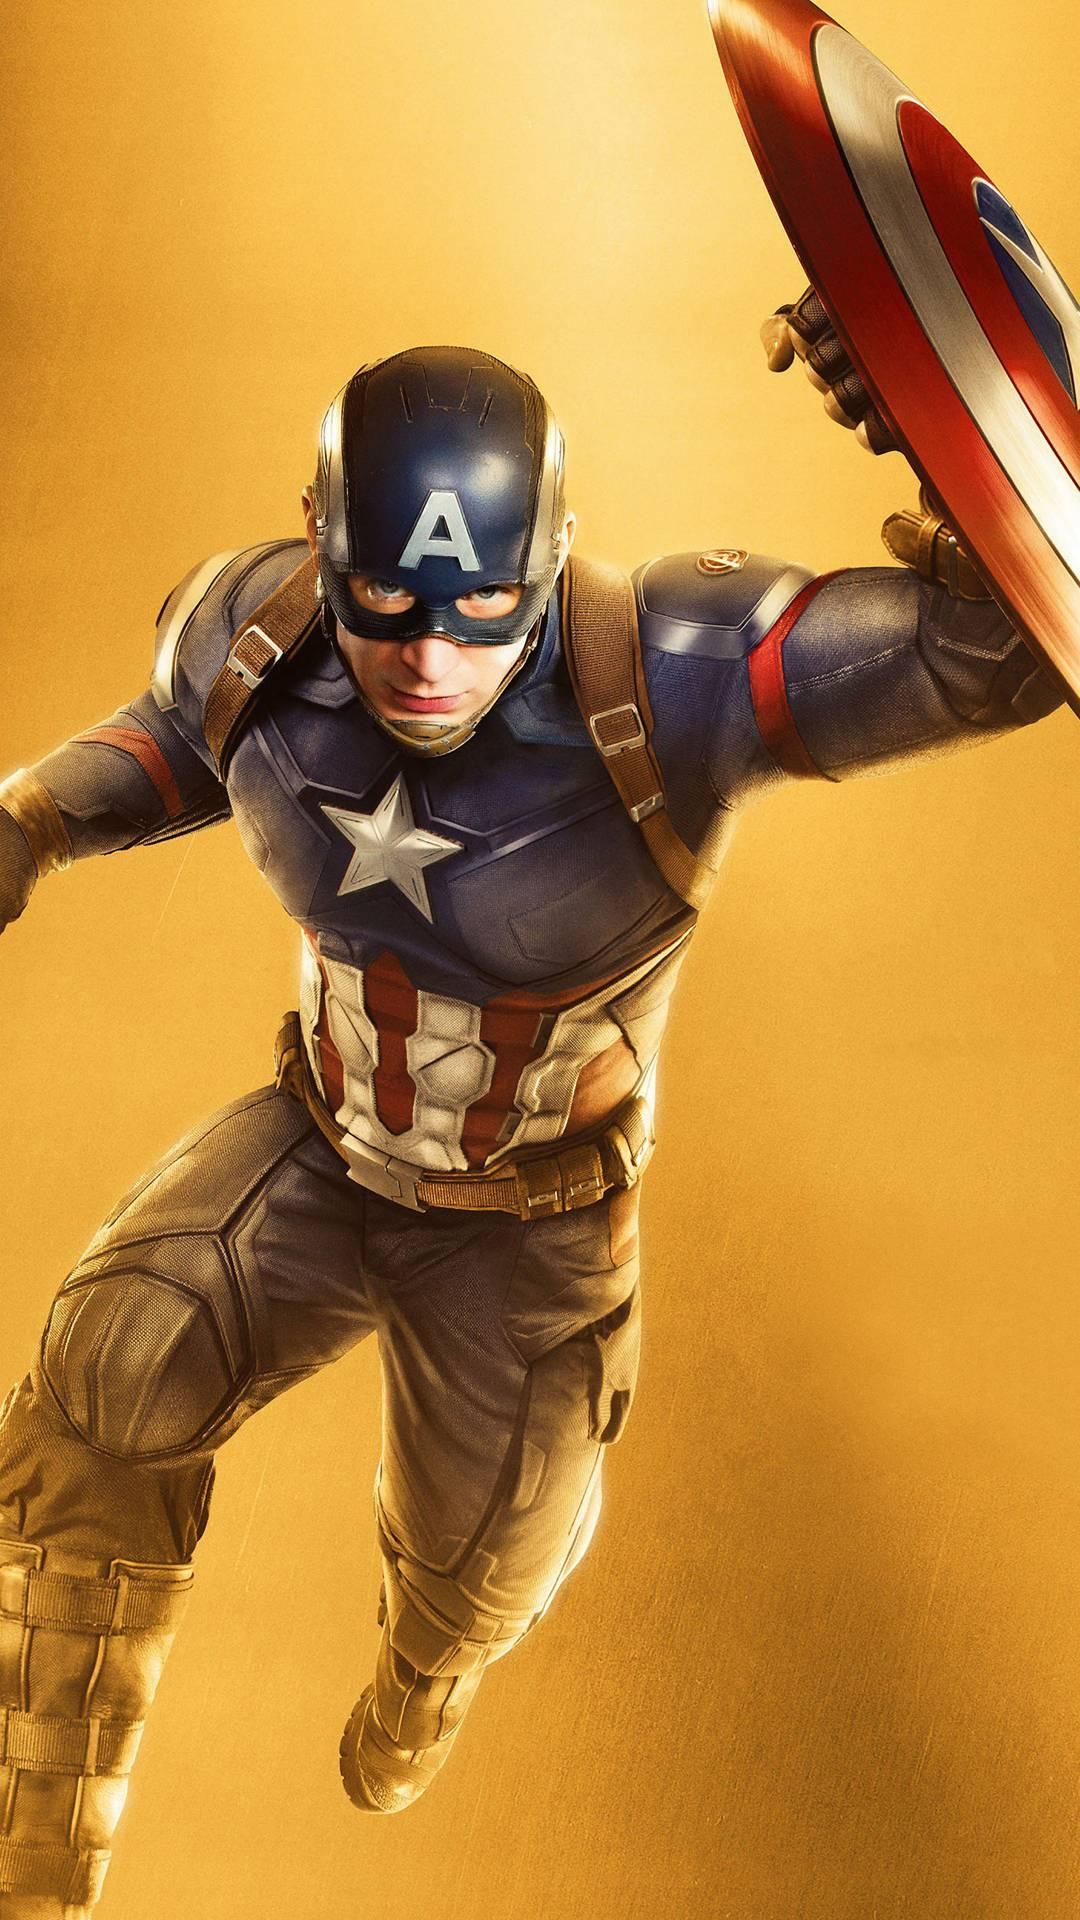 Captain Rogers Avengers Endgame iPhone Wallpaper